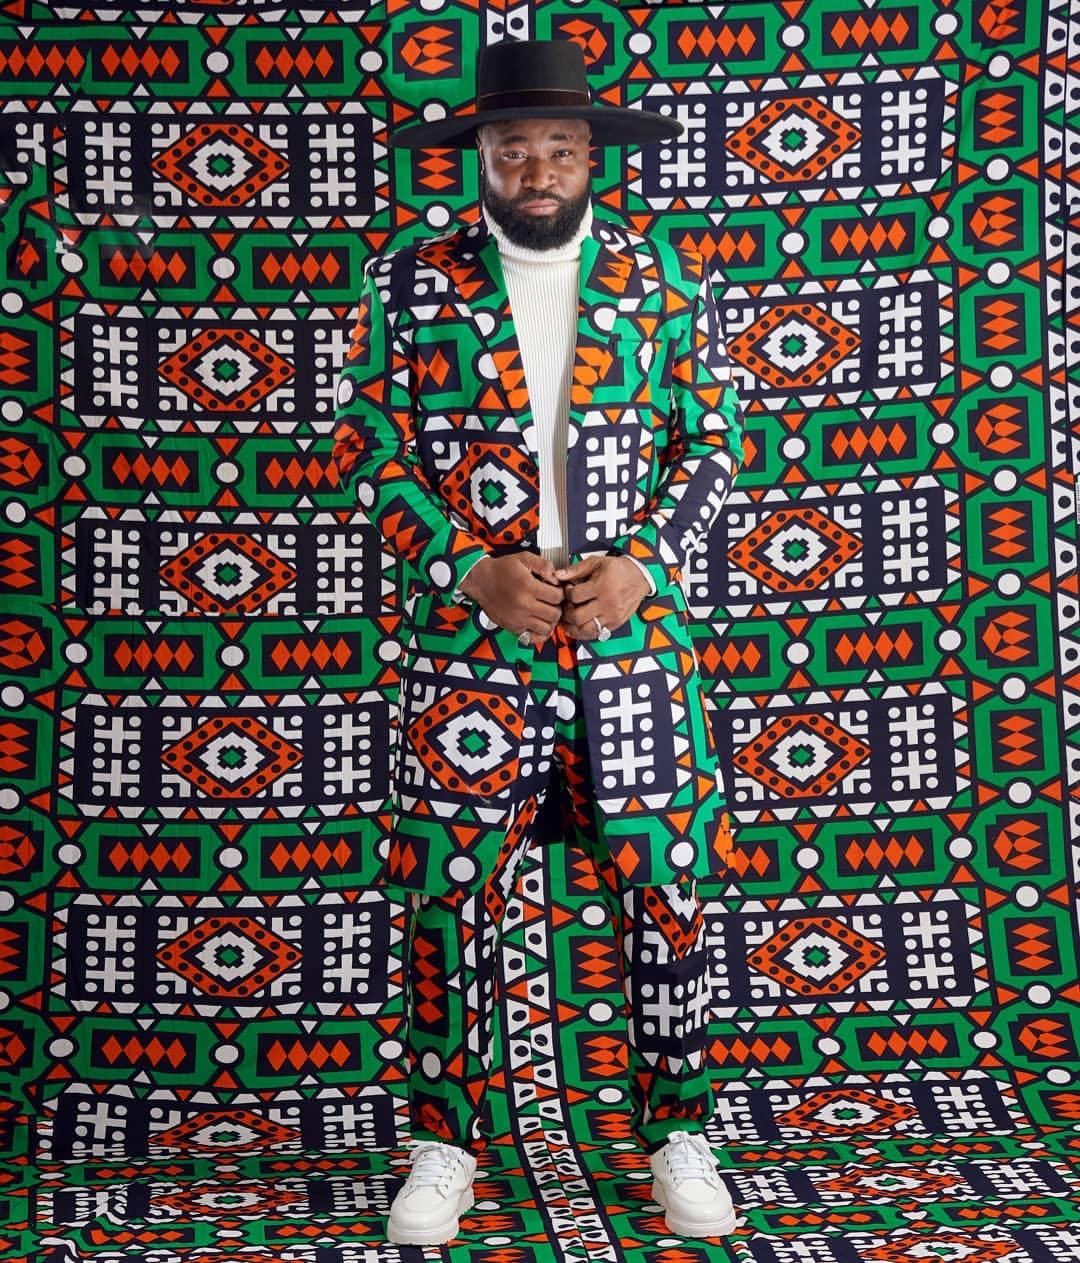 非洲非洲男性名人时尚最佳着装风格的狂欢